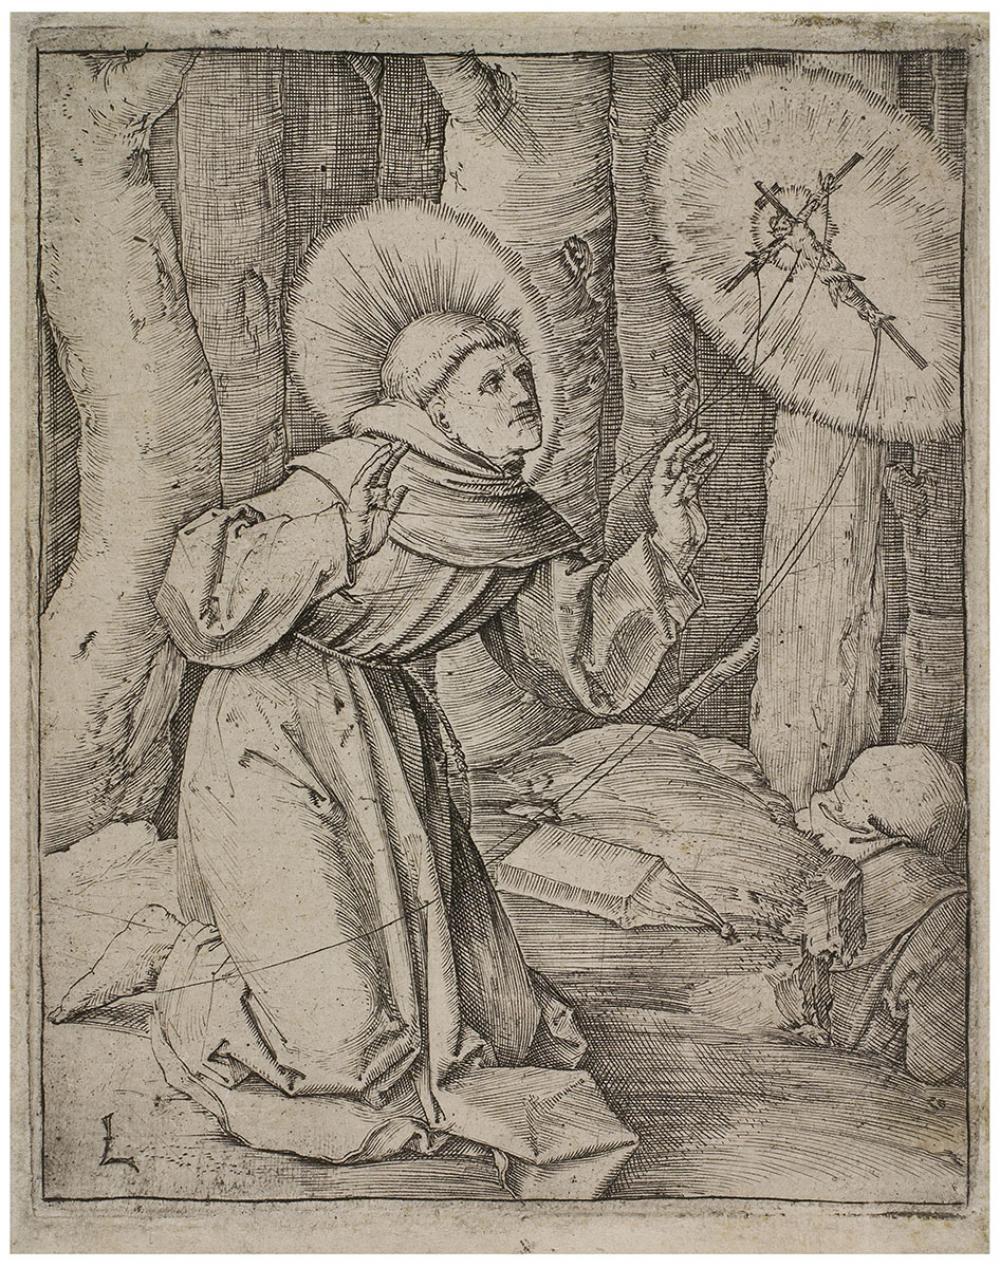 Leyden, Lucas van, St. Francis Receiving the Stigmata